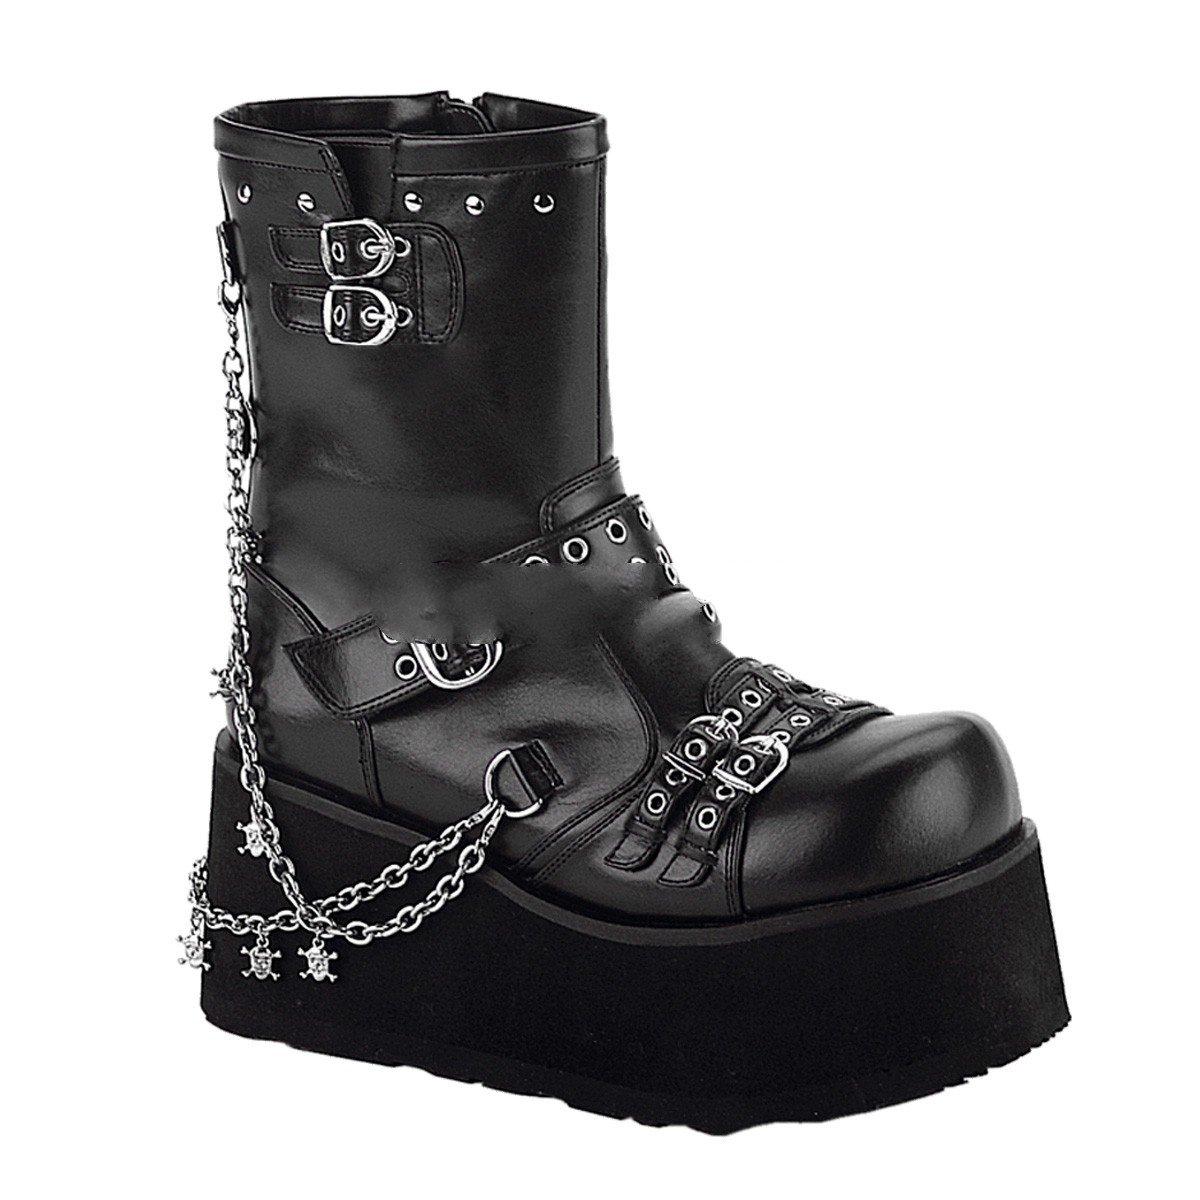 Demonia Clash-430 - Gothic Gothic Gothic Punk Industrial Plateau Stiefel 36-43, Größe EU-39   US-9   UK-6 3bd339